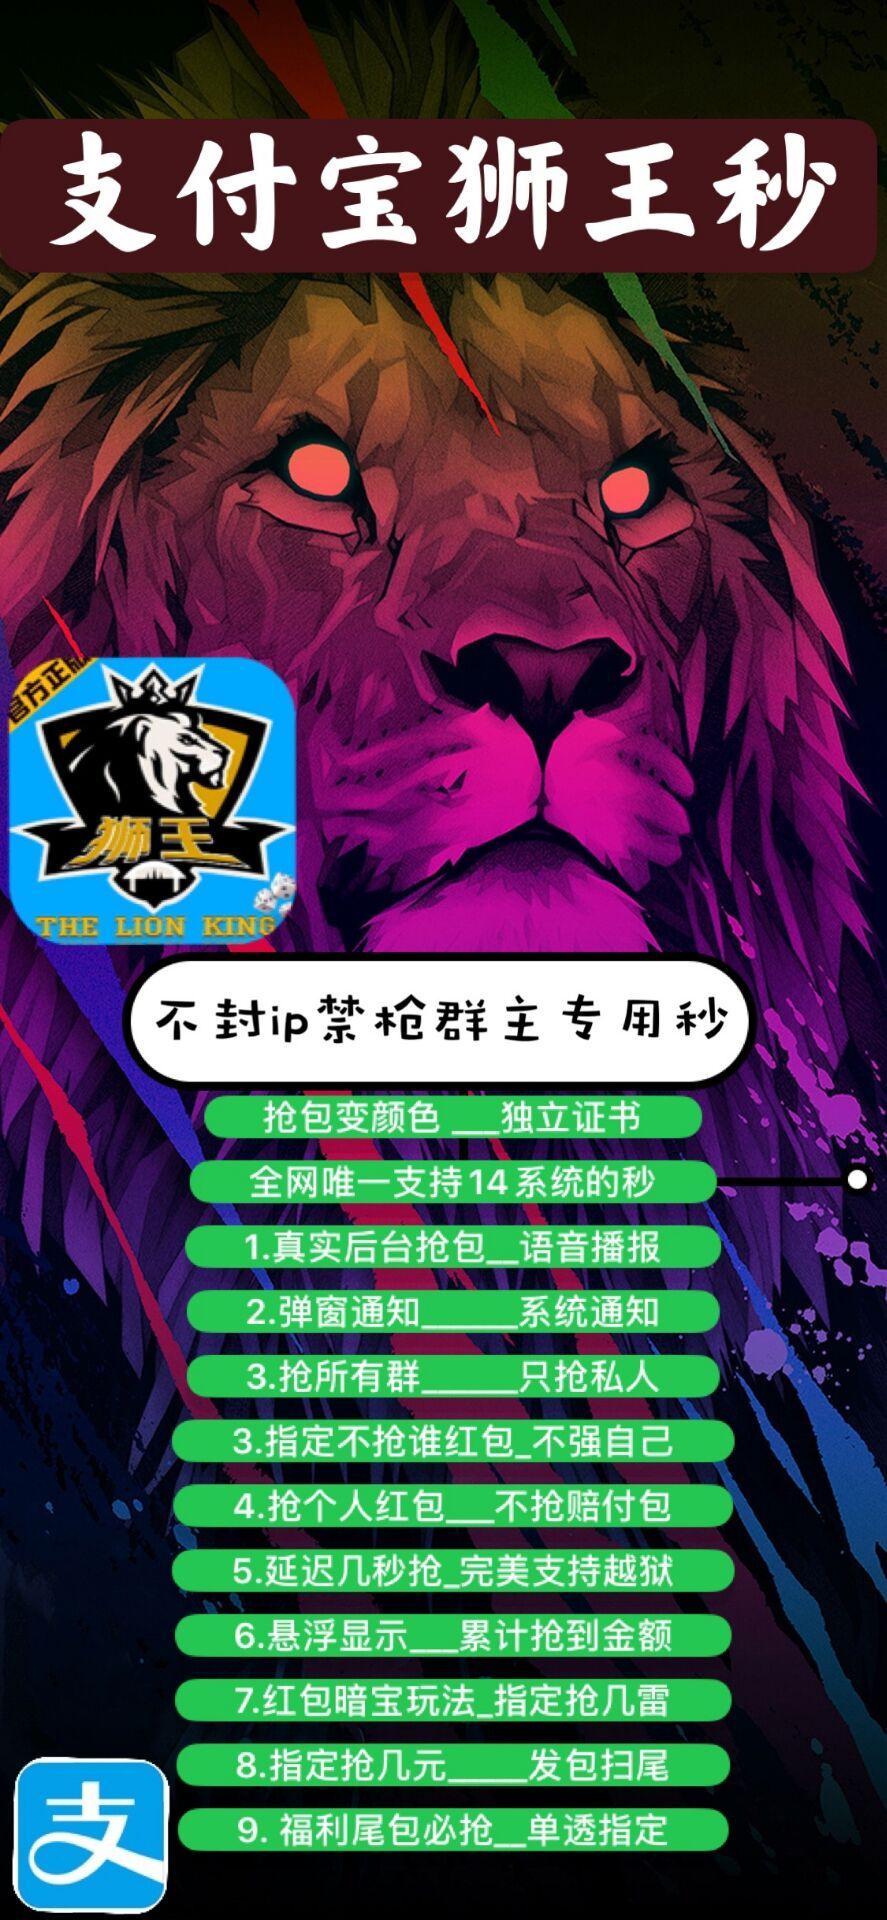 【支付宝狮王秒月卡】苹果版